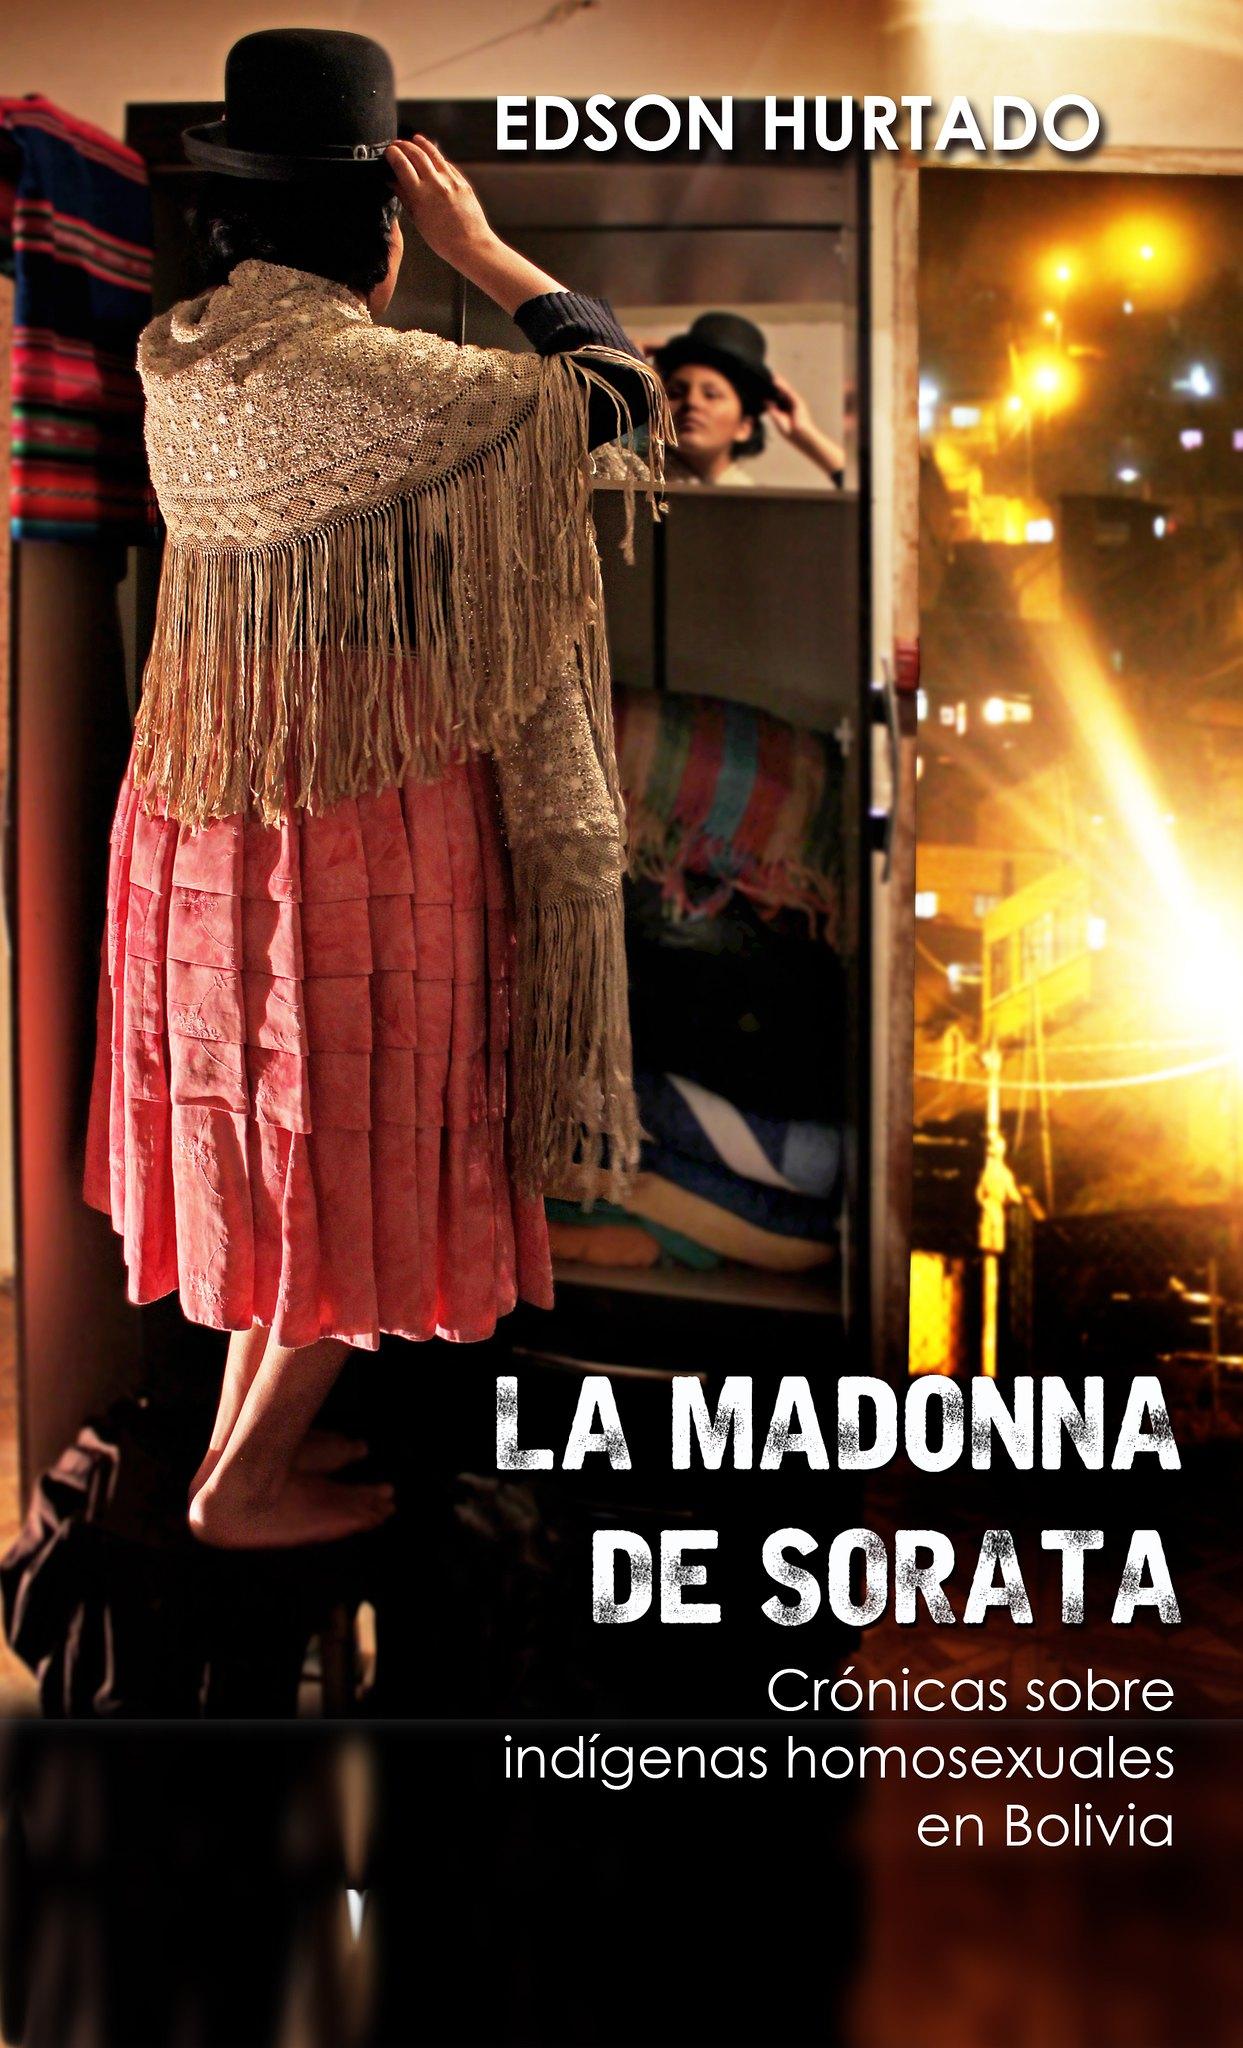 La Madonna de Sorata